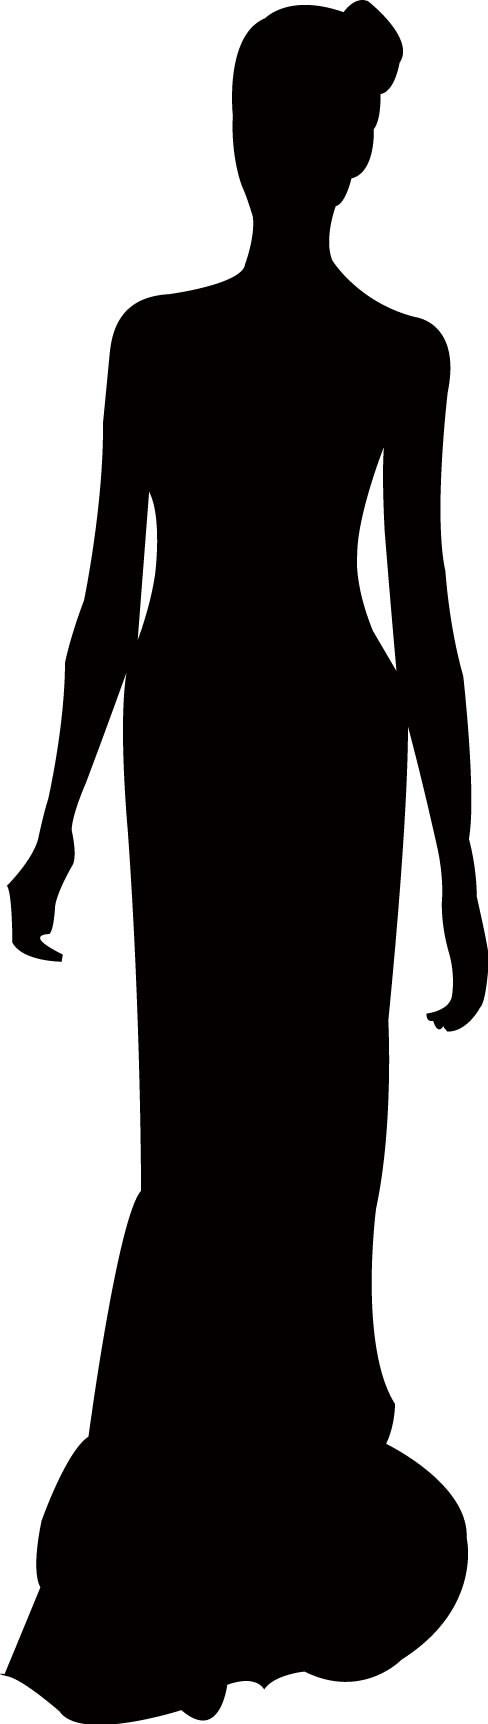 488x1724 Woman Long Dress Silhouette Wall Decal Wallmonkeys